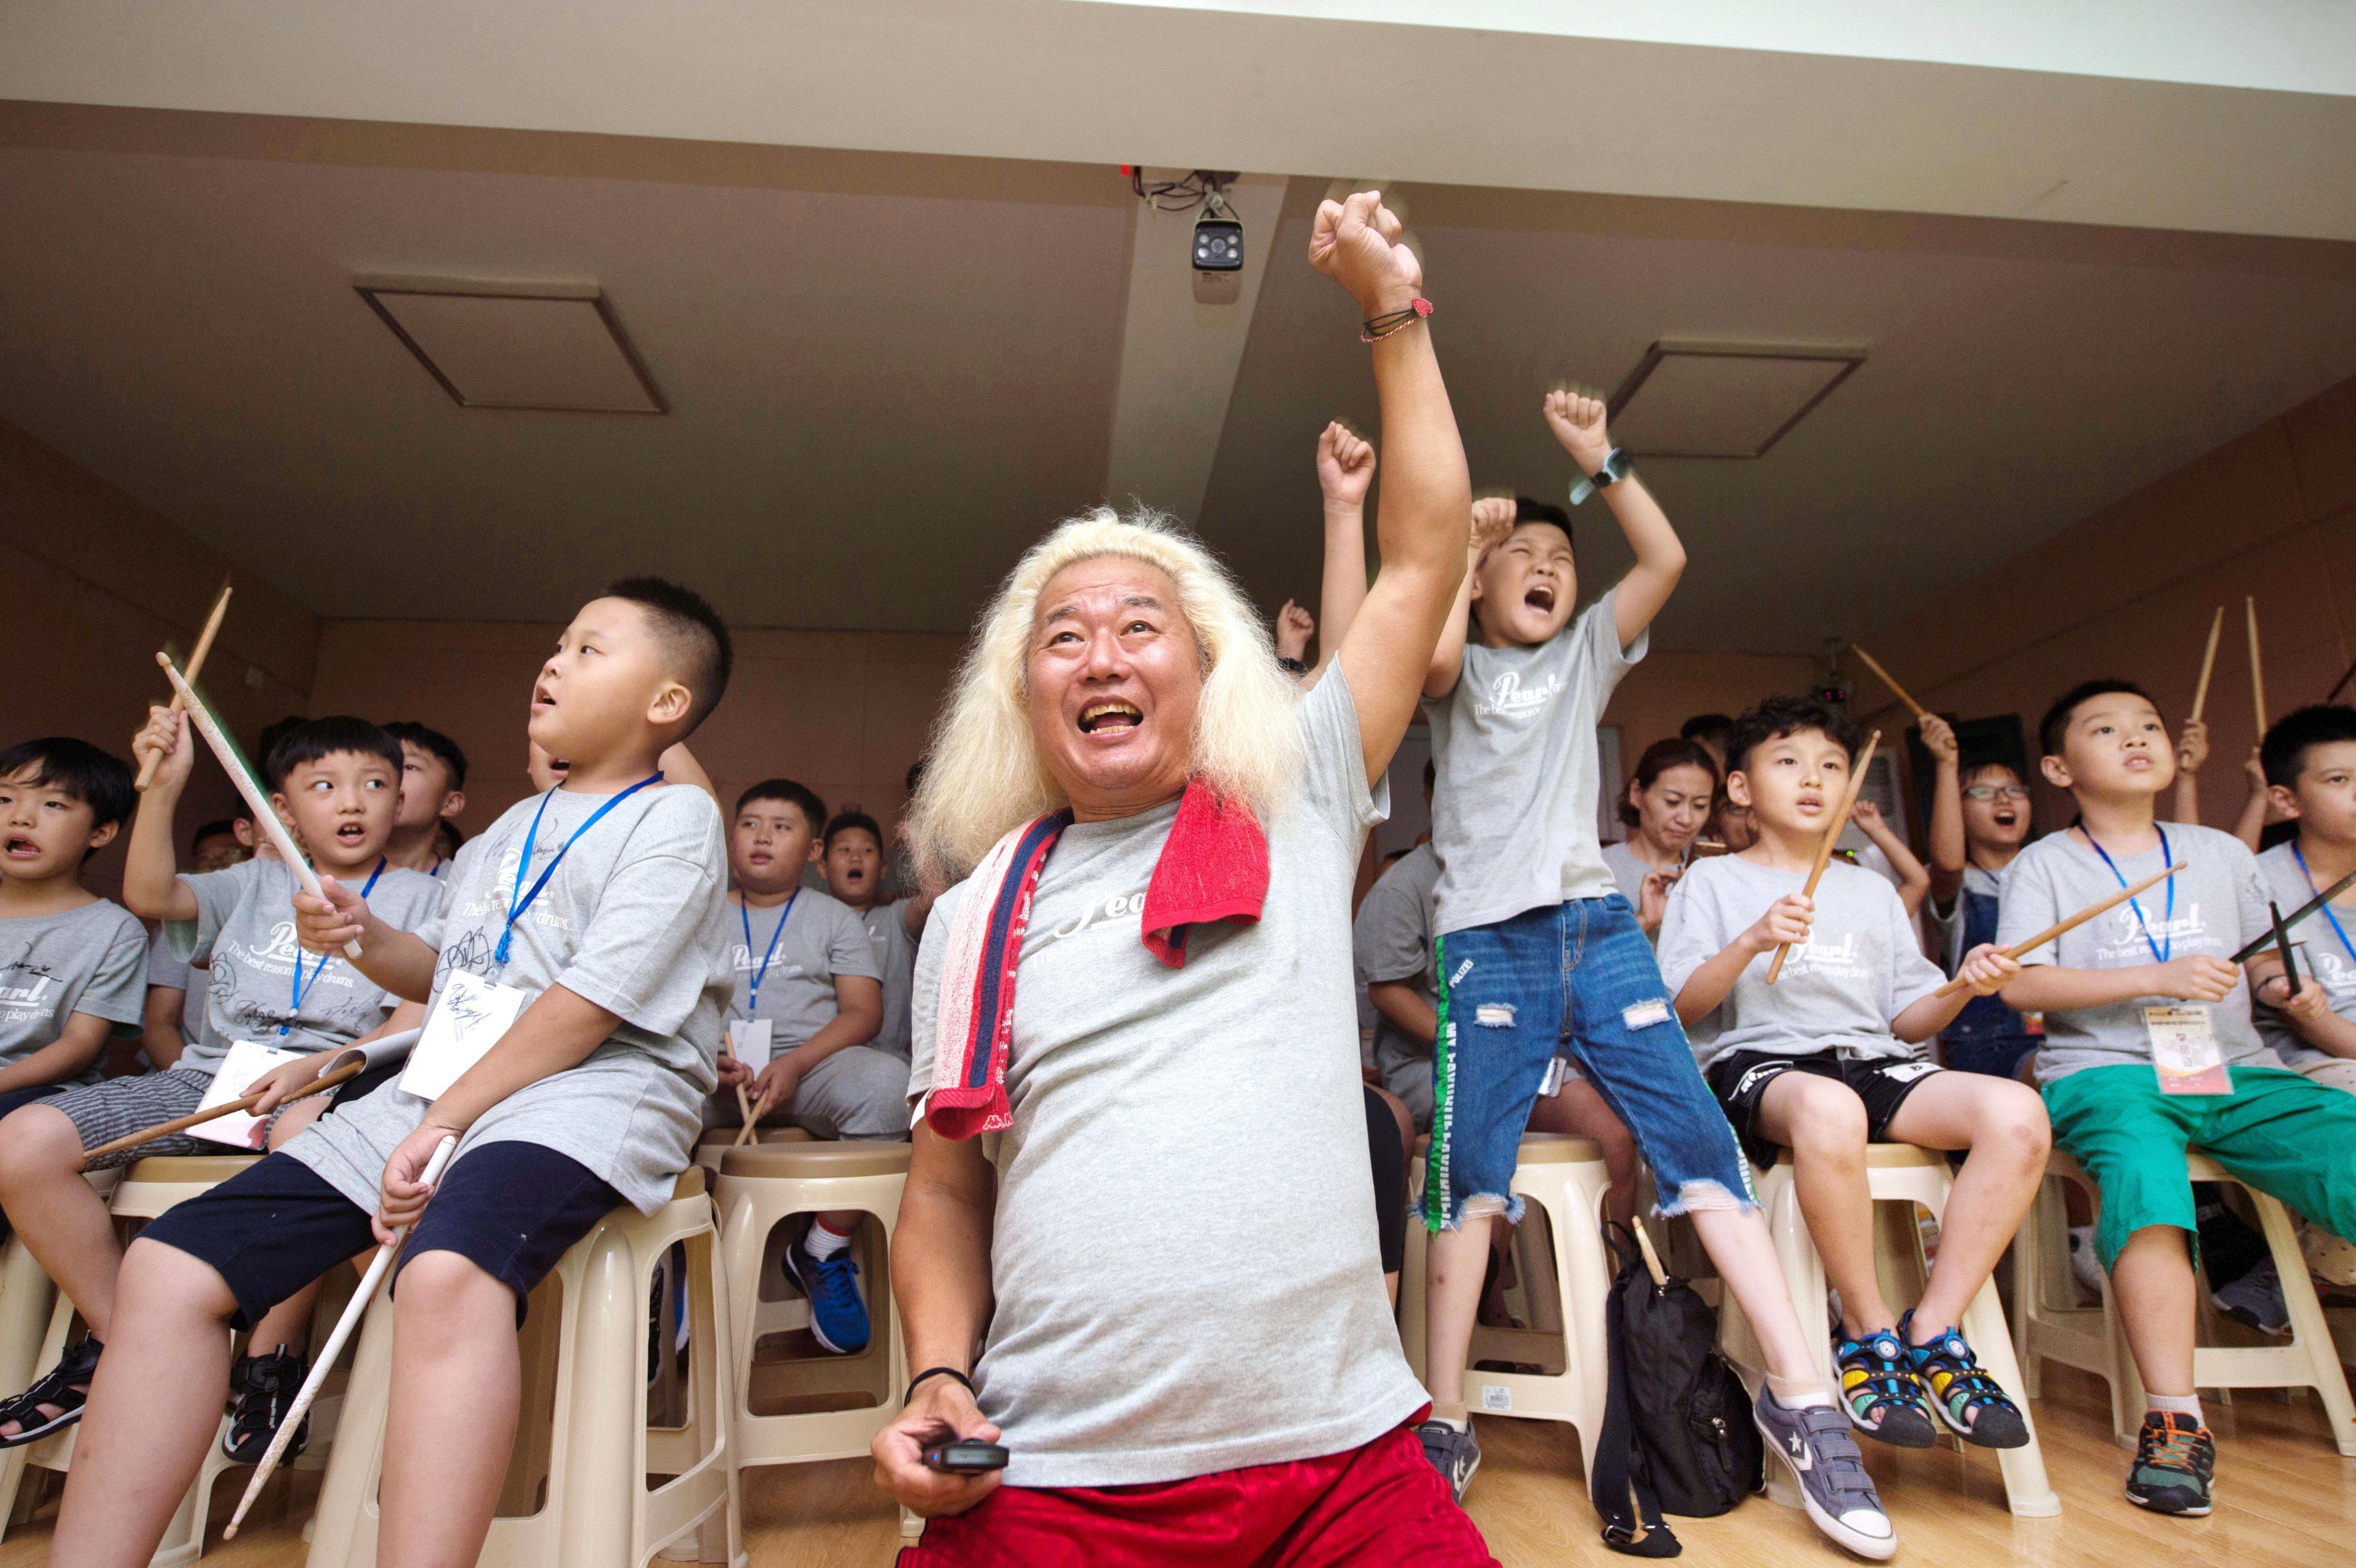 ドラムのサマースクールで、仲間の演奏するロックのリズムに合わせて熱狂する生徒たちとファンキー末吉。子どもたちは音楽を通じ、初めて出会った日本人講師たちとすぐに打ち解けた=中国山東省臨沂市(撮影・池上まどか、共同)